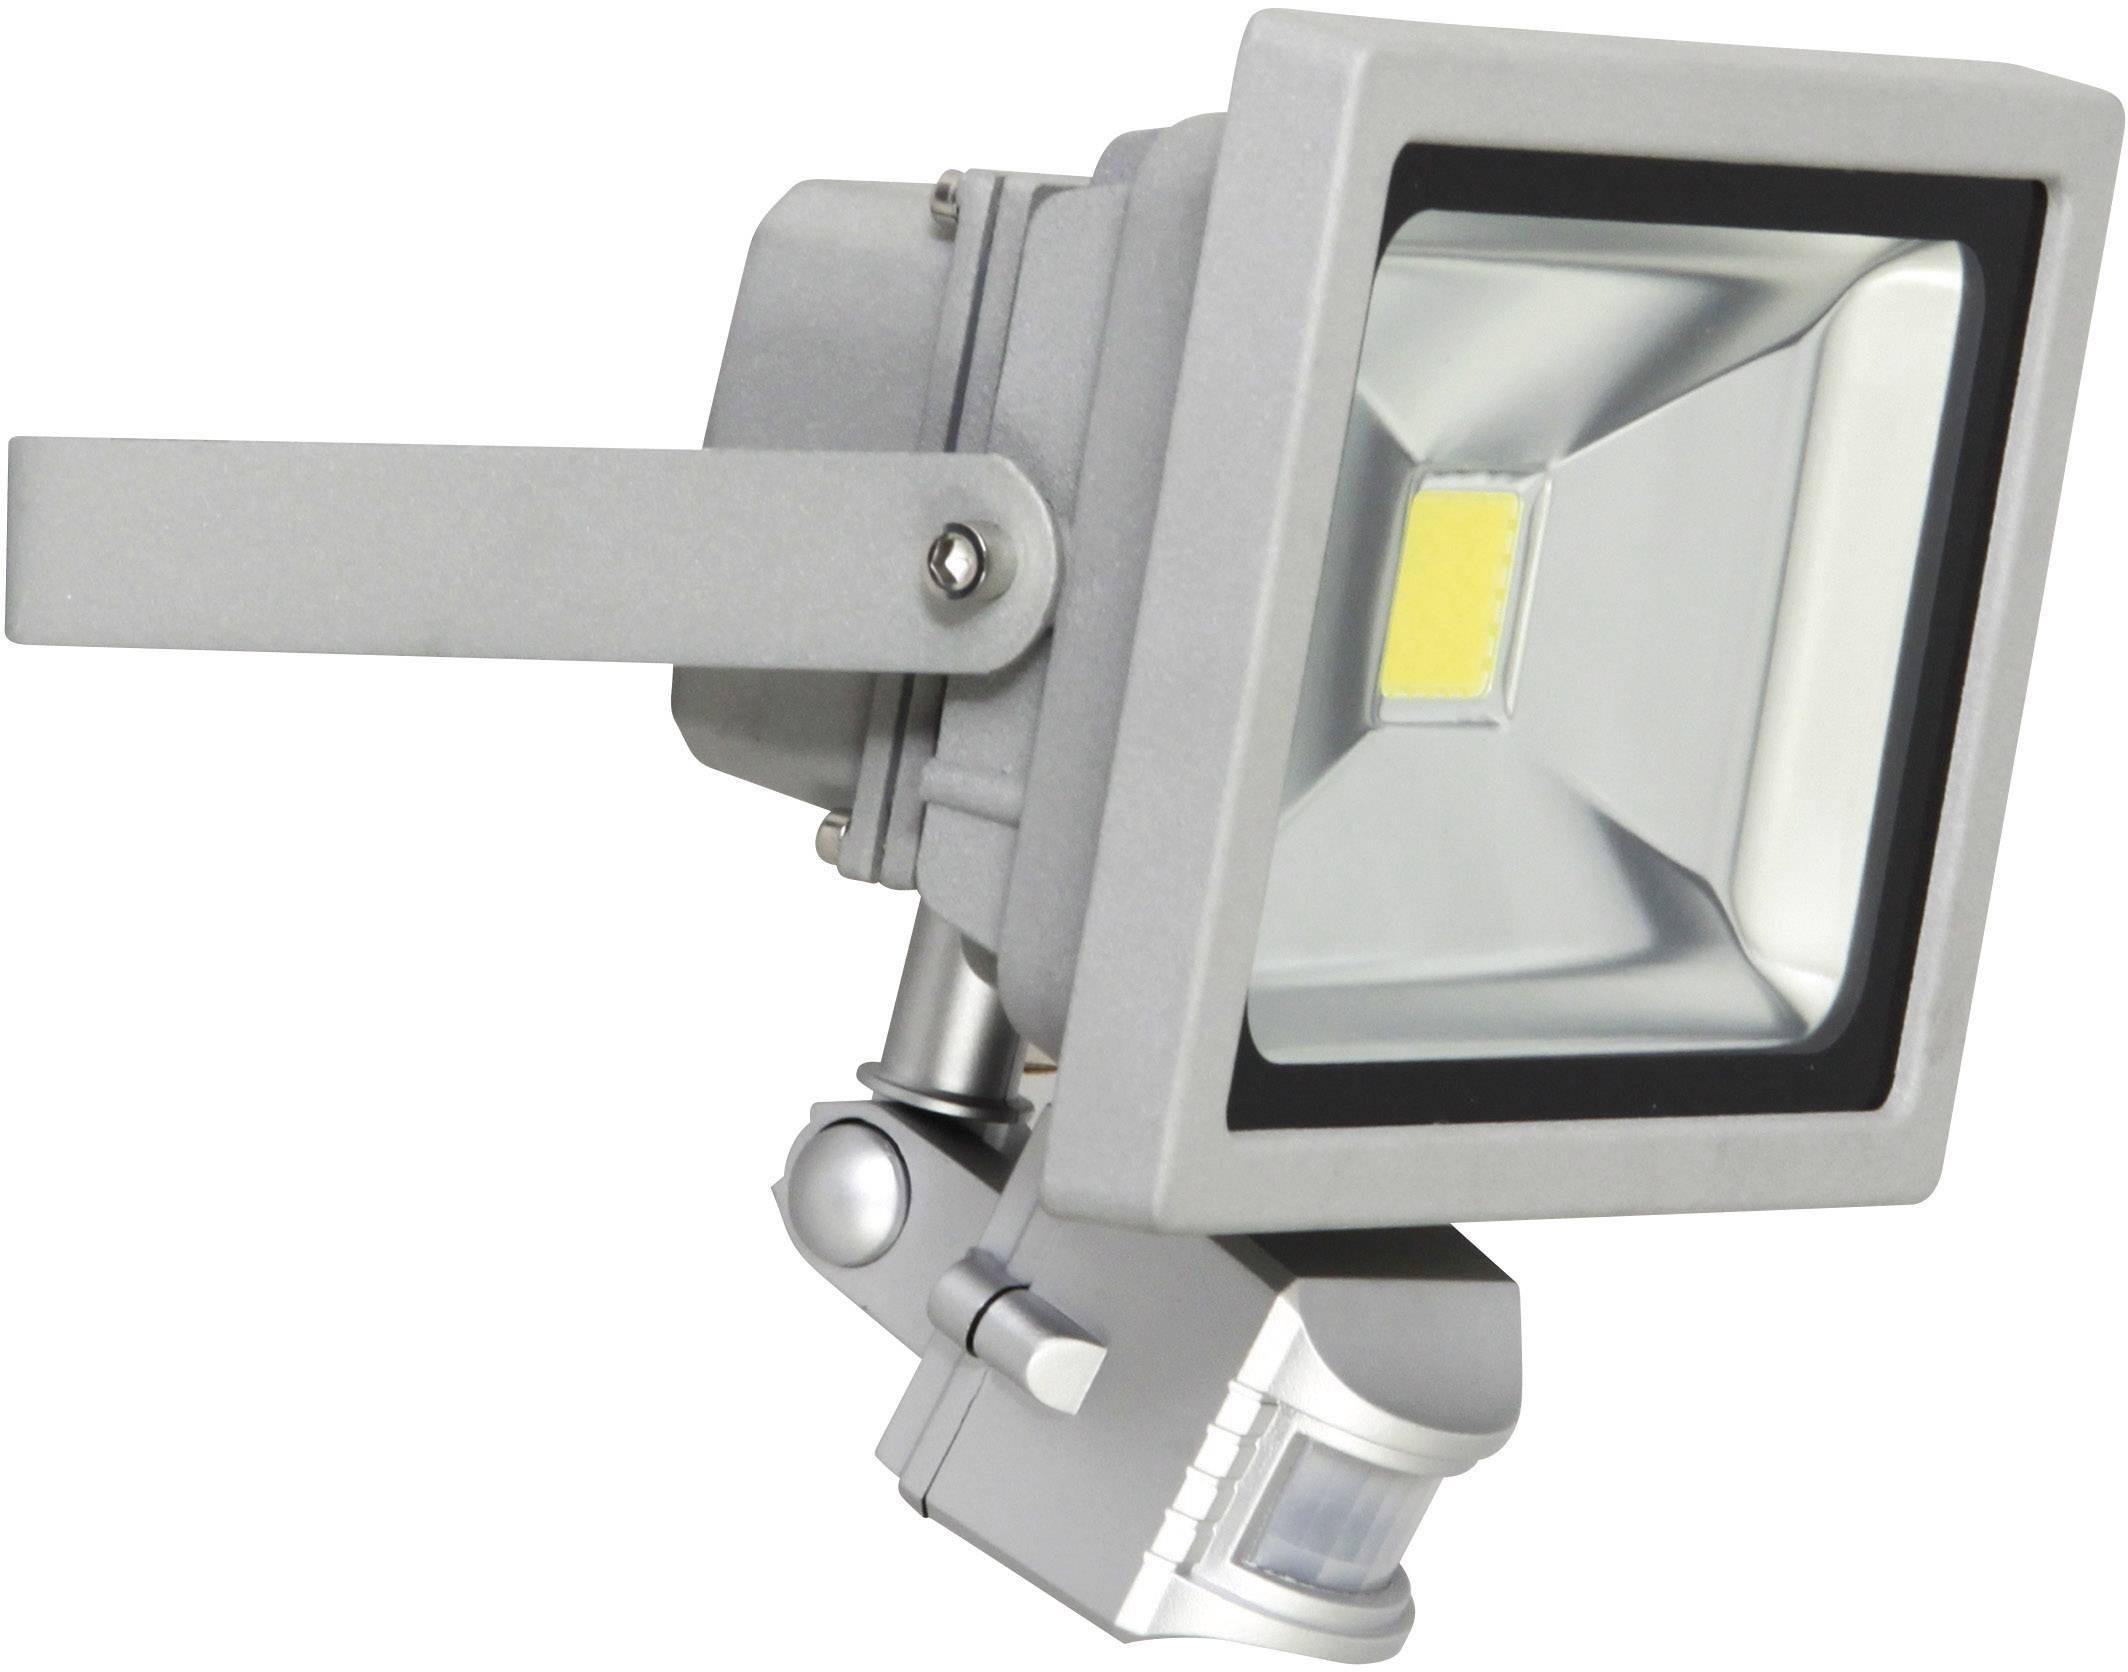 LEDvonkajšieosvetlenie s PIR senzorom XQ lite XQ-Lite XQ1221, 20 W, denné svetlo, sivá